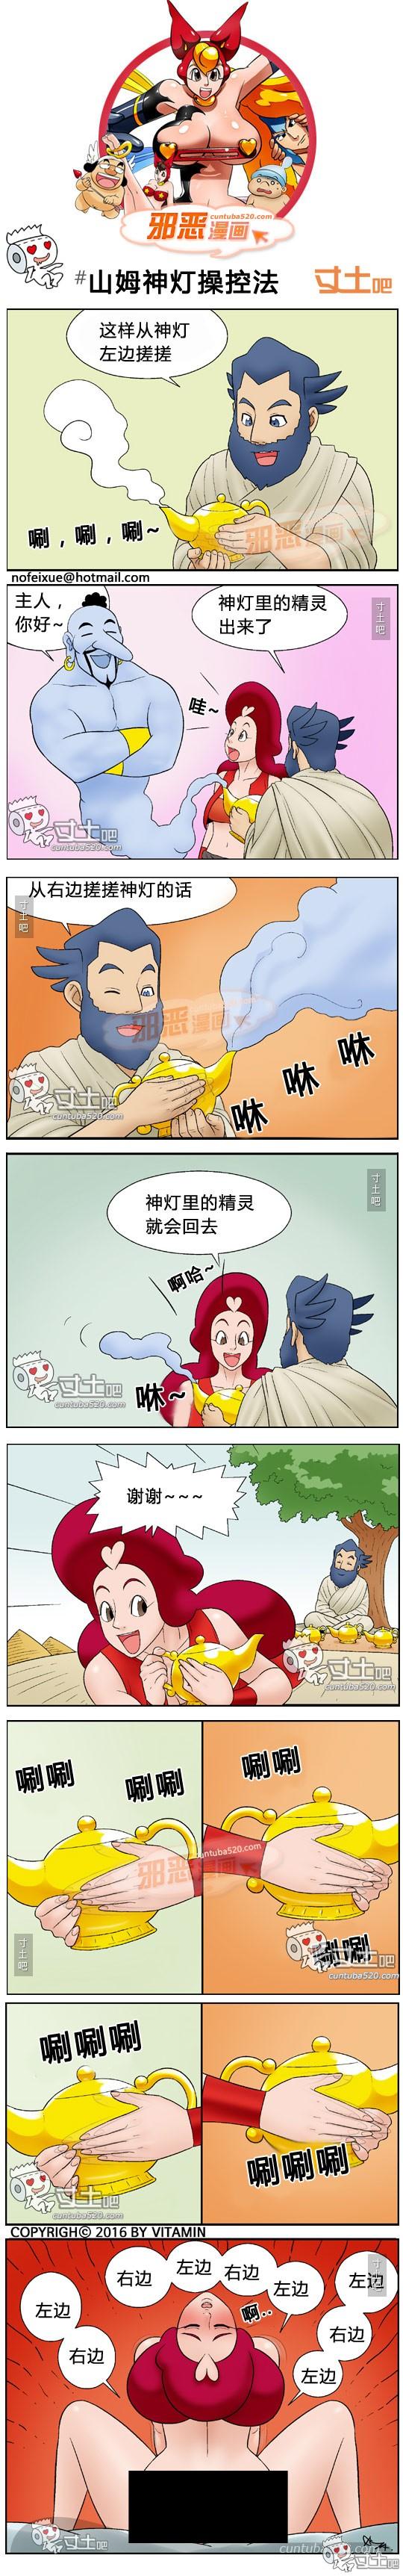 赵忠祥董卿丑闻_学校怪谈邪恶漫画之山姆神灯操控法-时尚生活在线